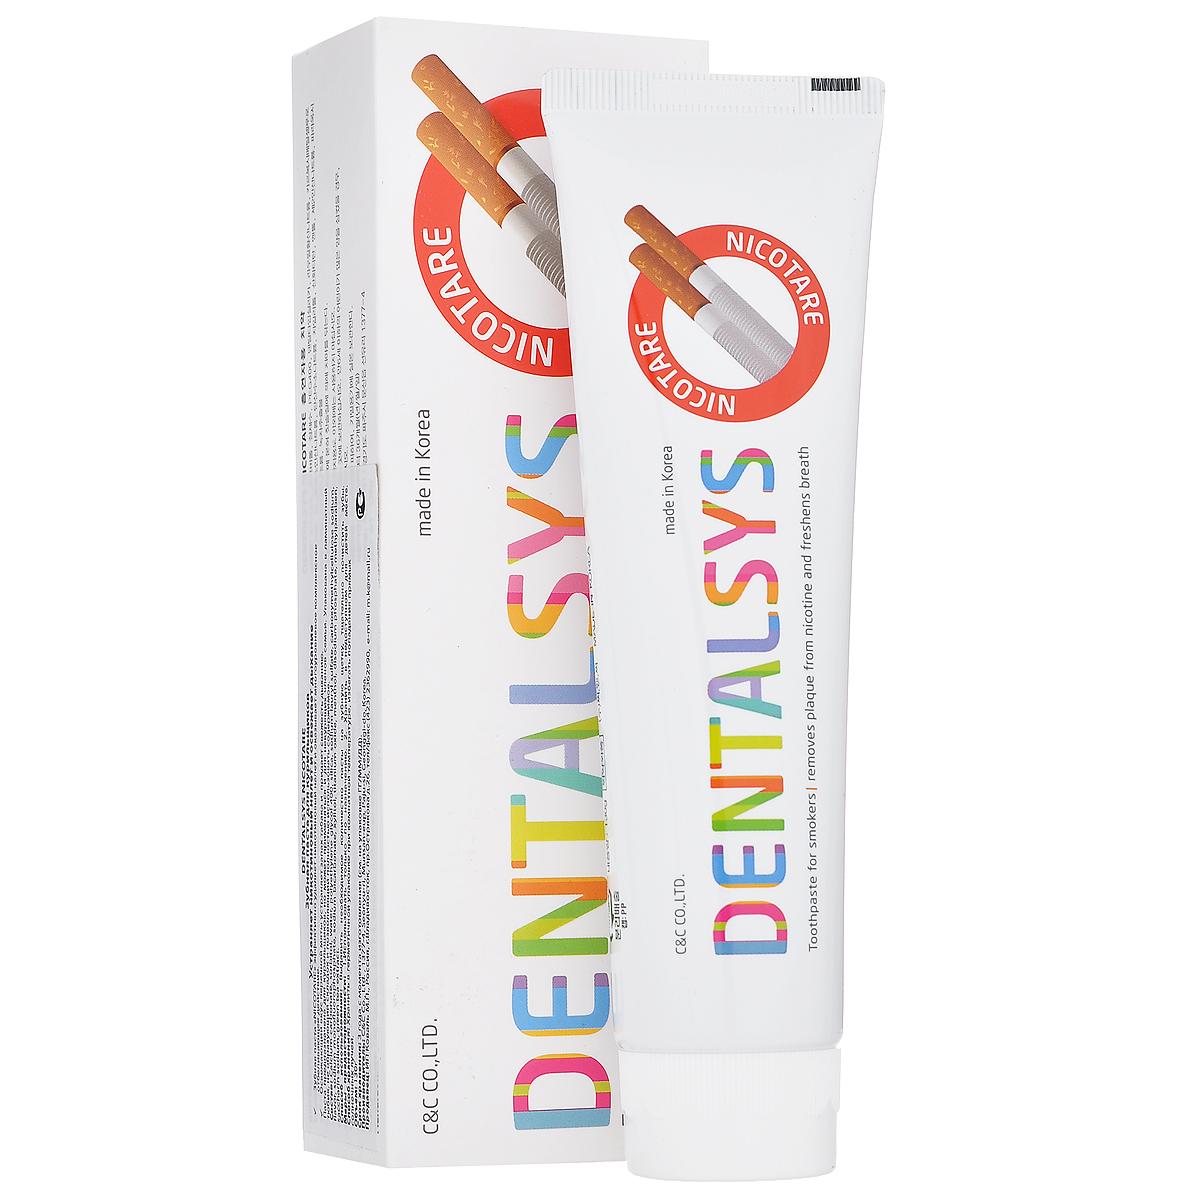 DC 2080 Зубная паста Dentalsys Nicotare, для курящих, 130 г220598Зубная паста DC 2080 Dentalsys Nicotare устраняет никотиновый налет и освежает дыхание. Оказывает многоуровневое комплексное отбеливающее действие. Освежающий вкус перечной мяты устраняет запах табака и придает свежесть дыханию. Паста предназначена для курильщиков, но может применяться и для некурящих членов семьи. Характеристики: Вес: 130 г. Артикул: 220598. Производитель: Корея. Товар сертифицирован.